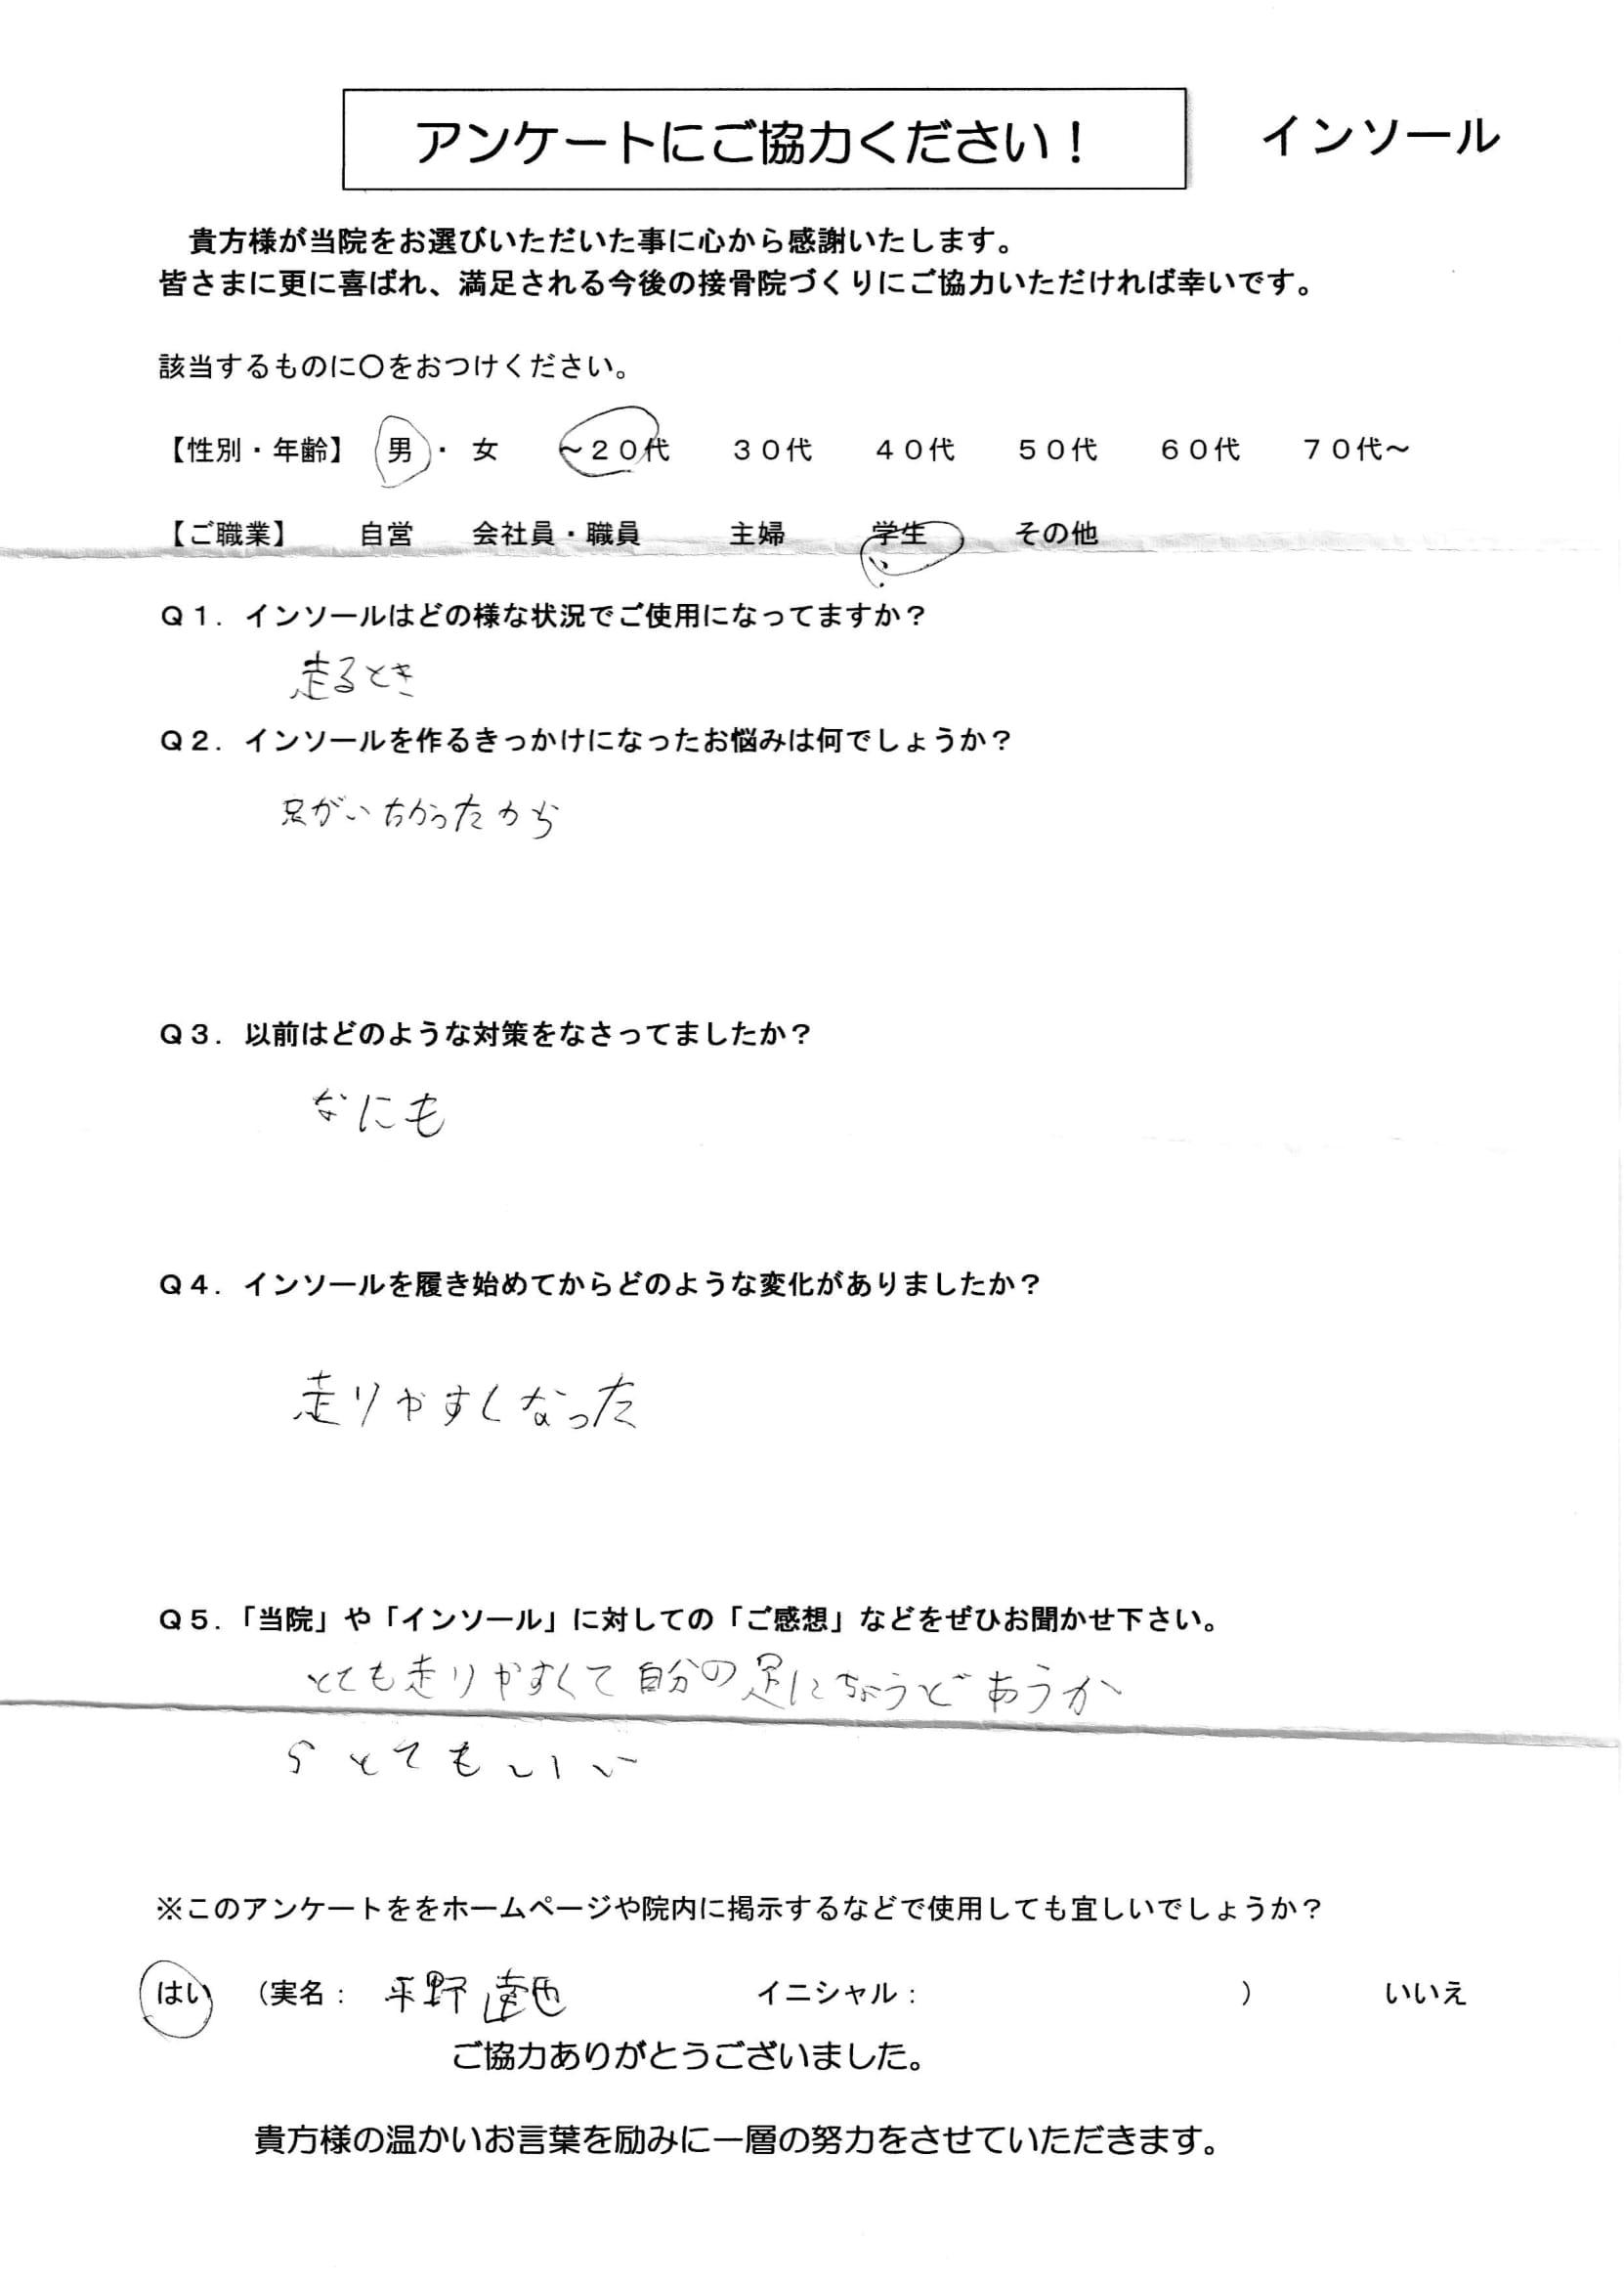 インソール アンケート 10代(男)(平野達也君)-1